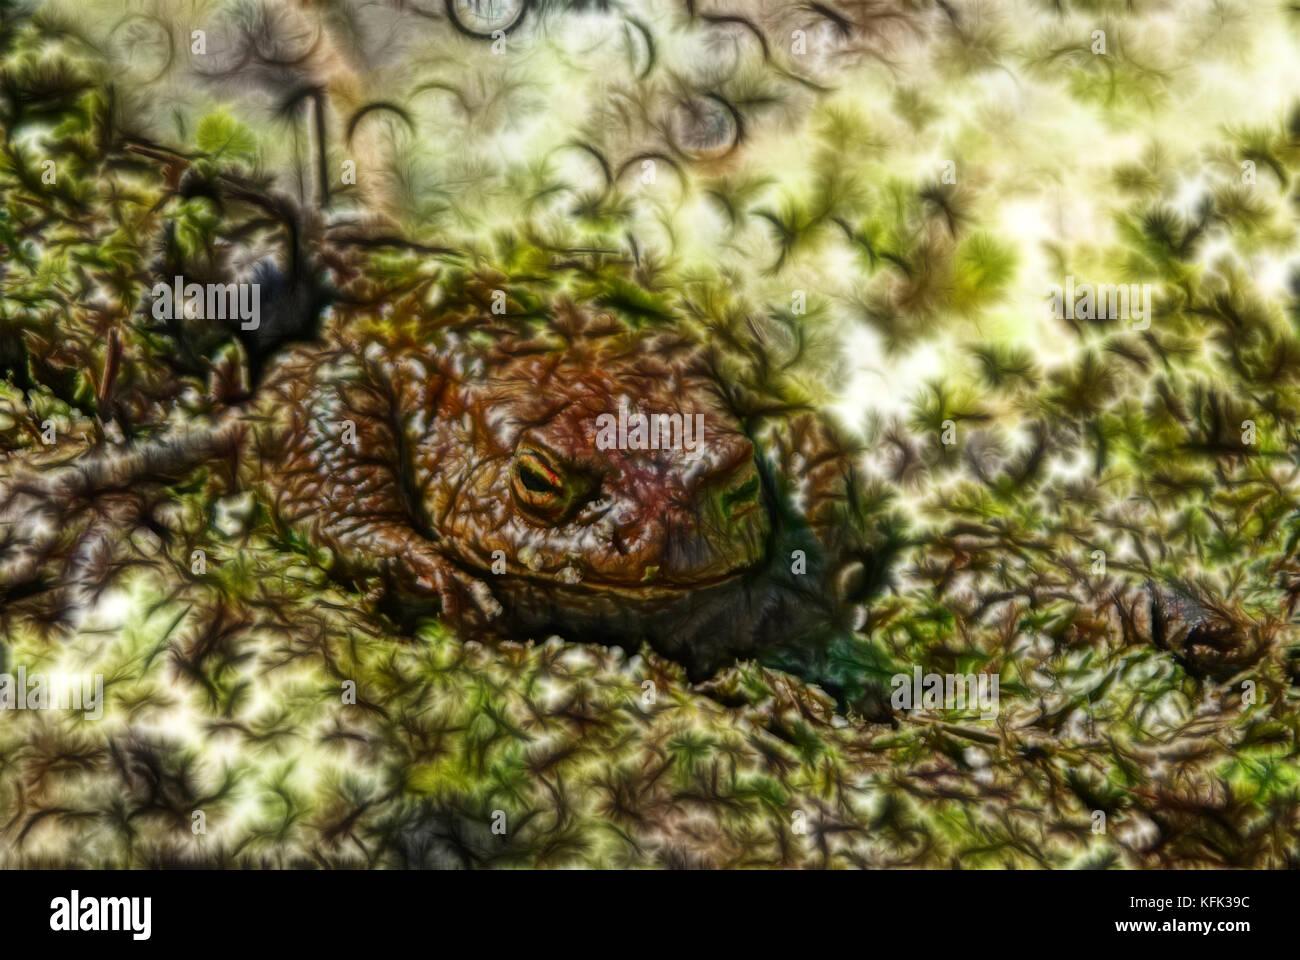 resumo luz fractal background generalização imagens da natureza